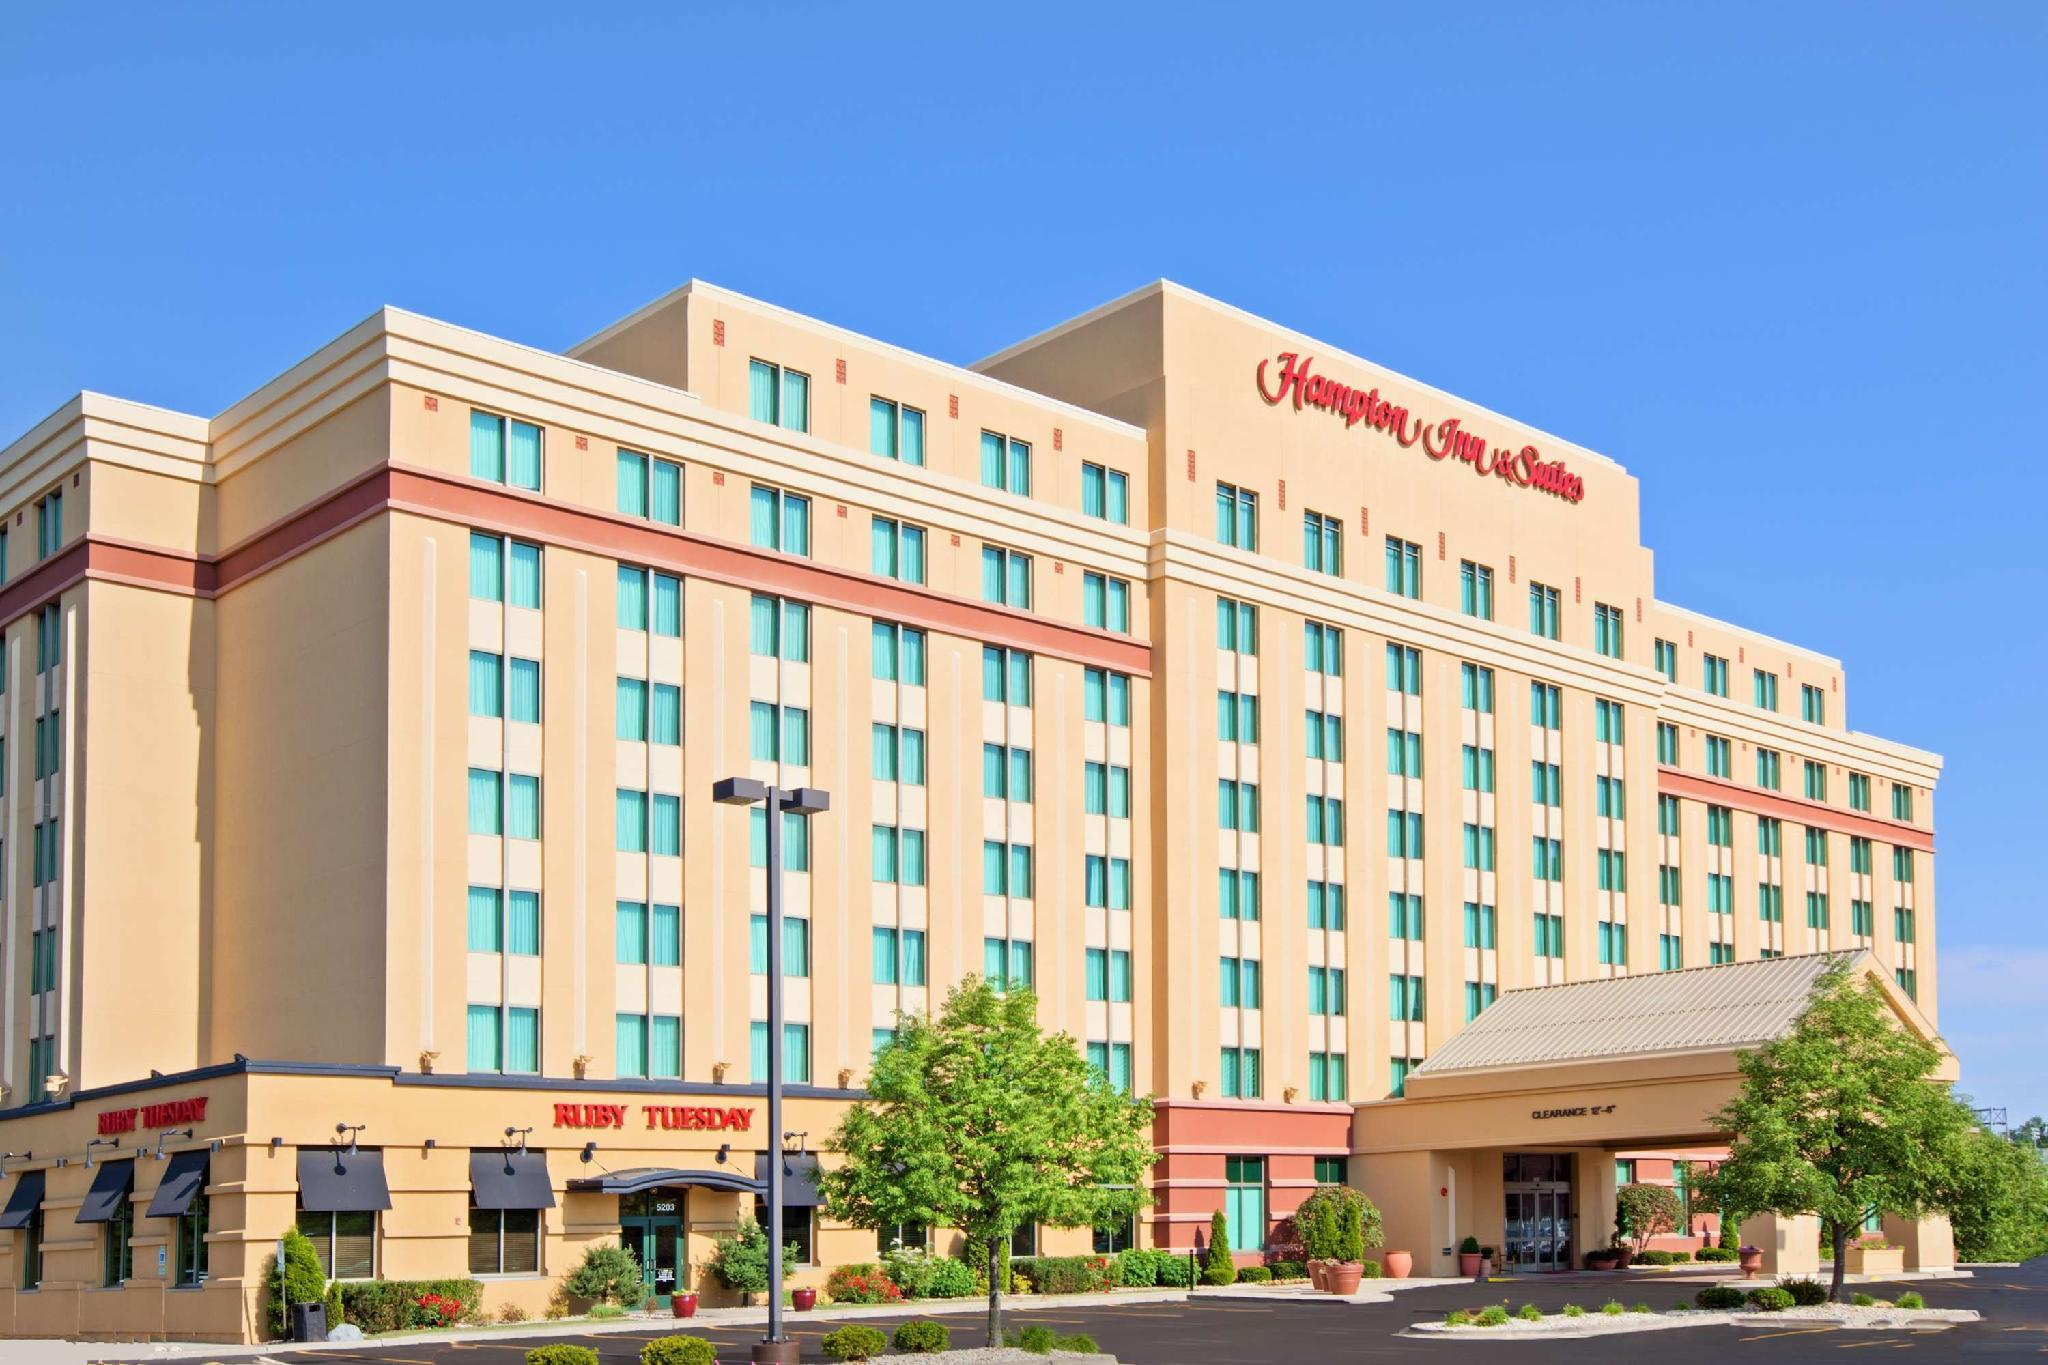 Hampton Inn & Suites Chicago-North Shore/Skokie image